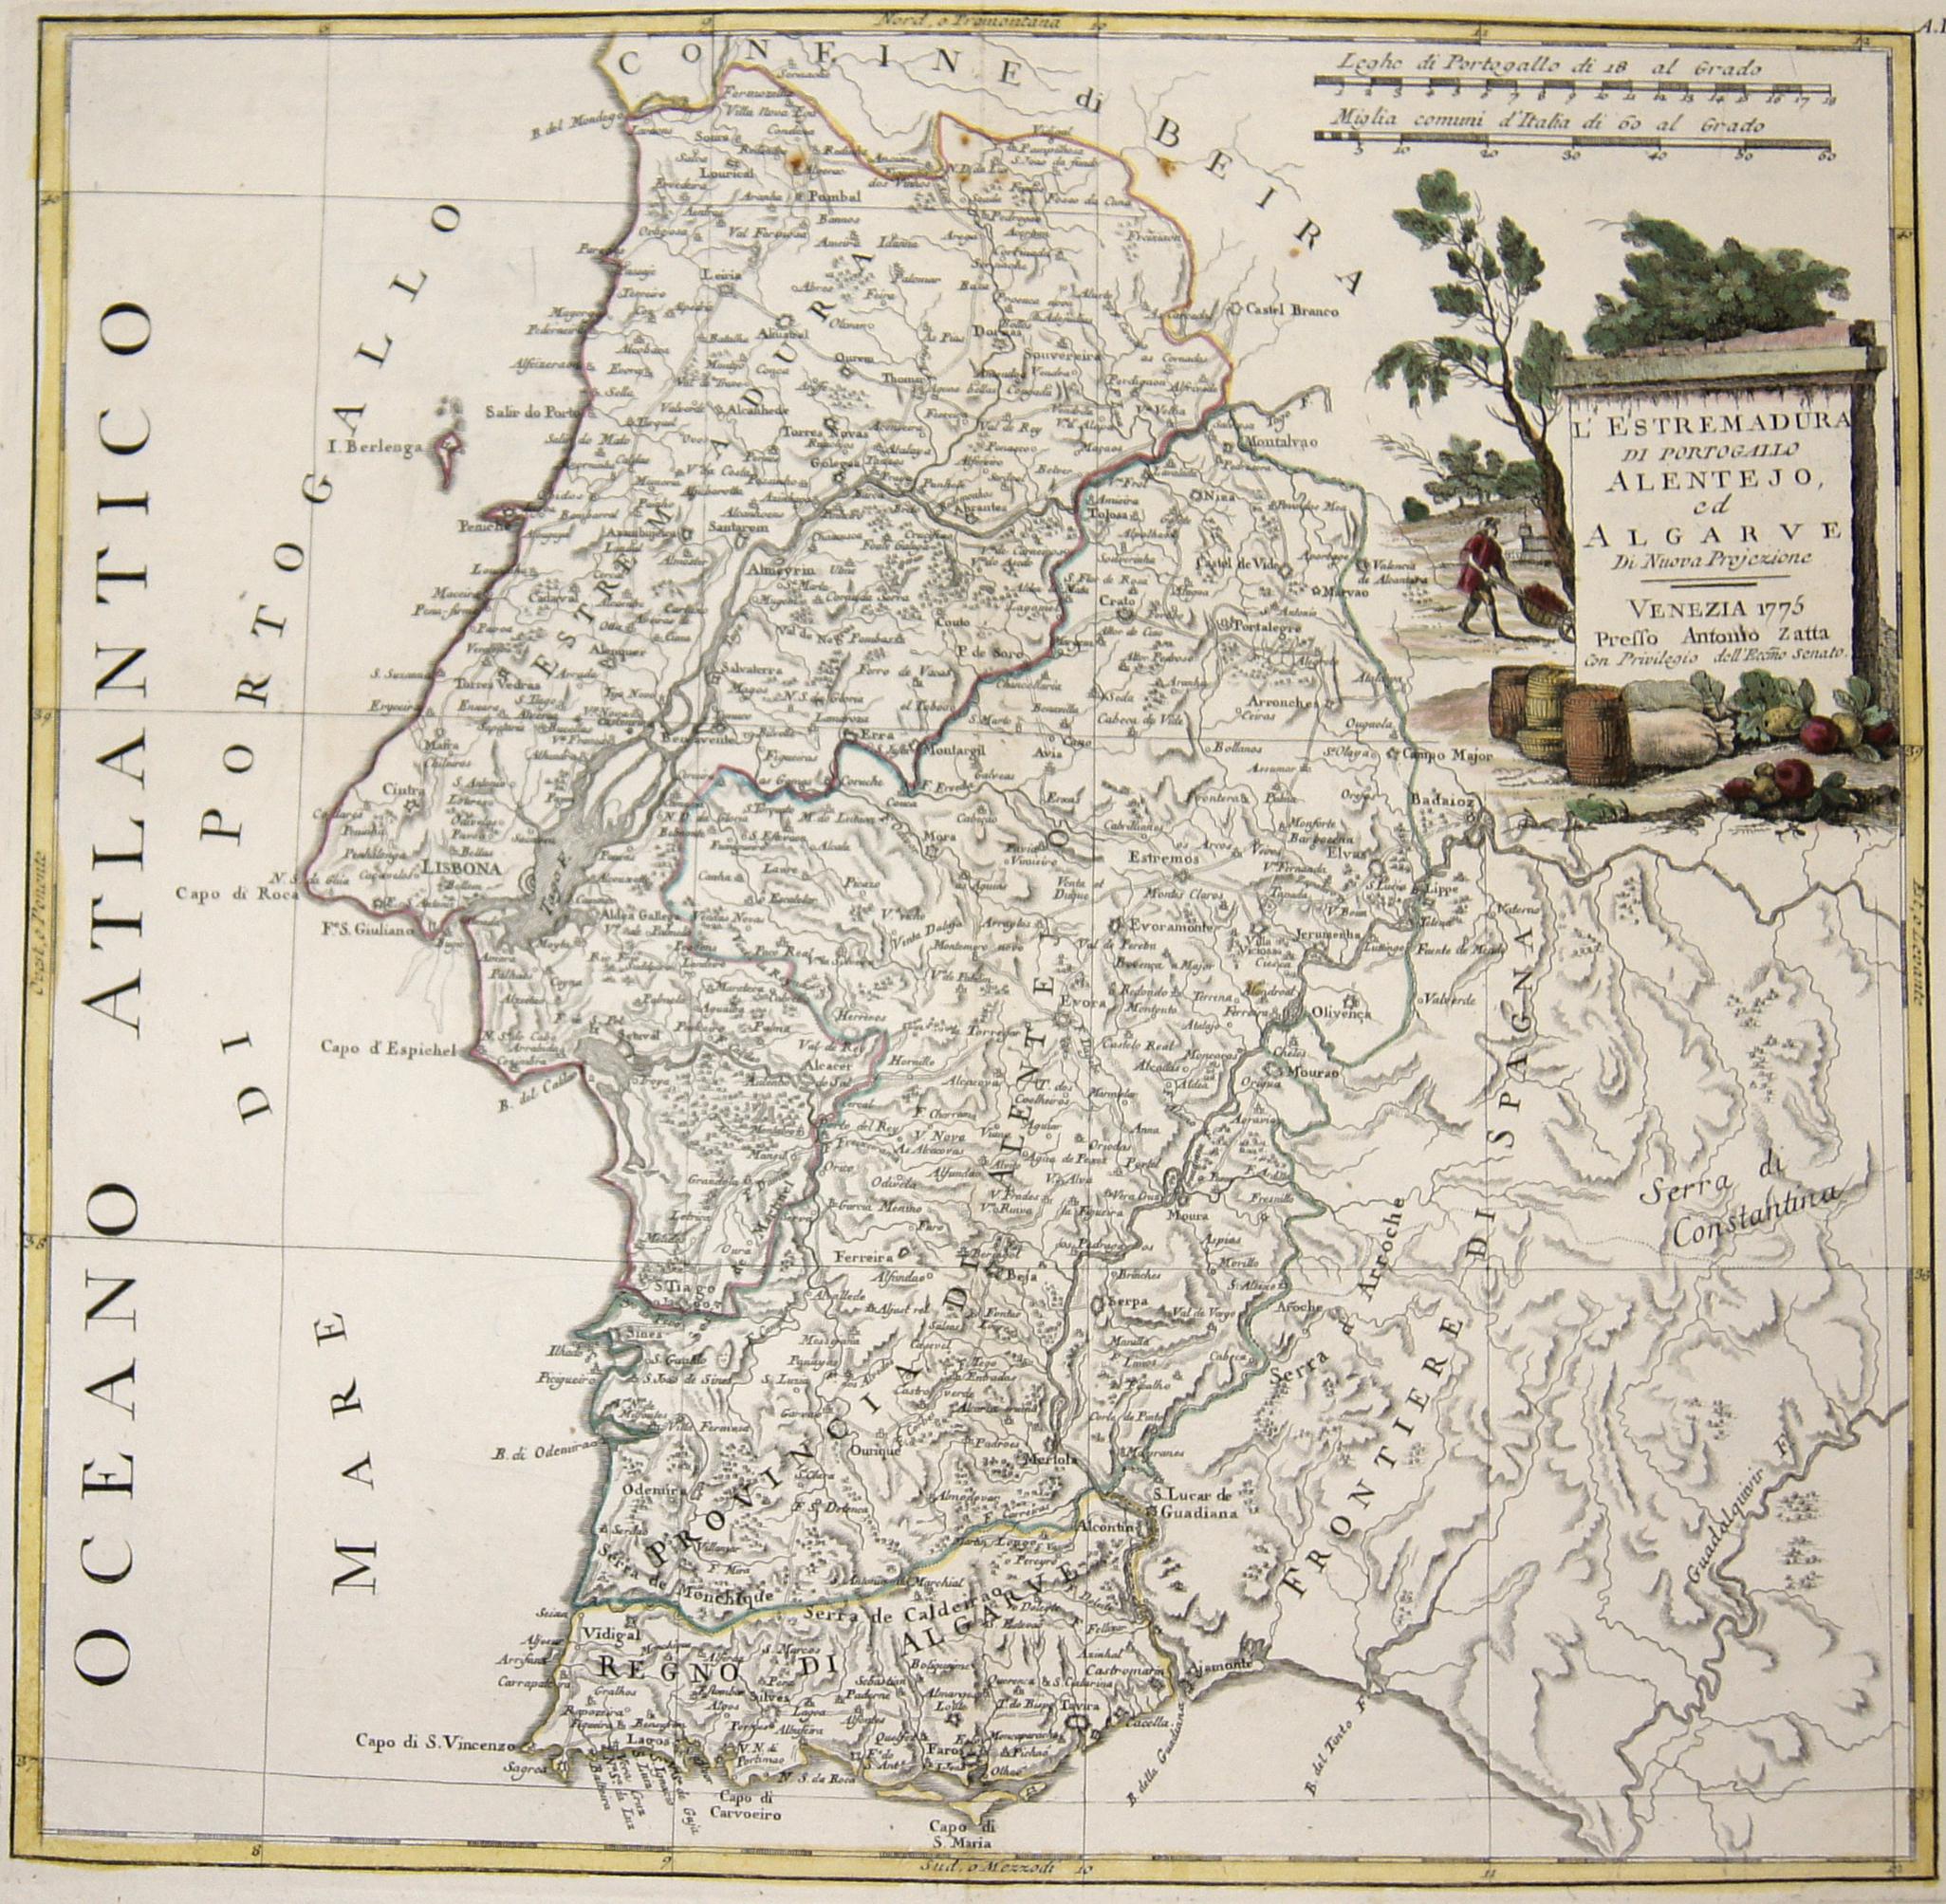 Zatta Antonio L' Estremadura di Portogallo Alentejo, ed Algarve